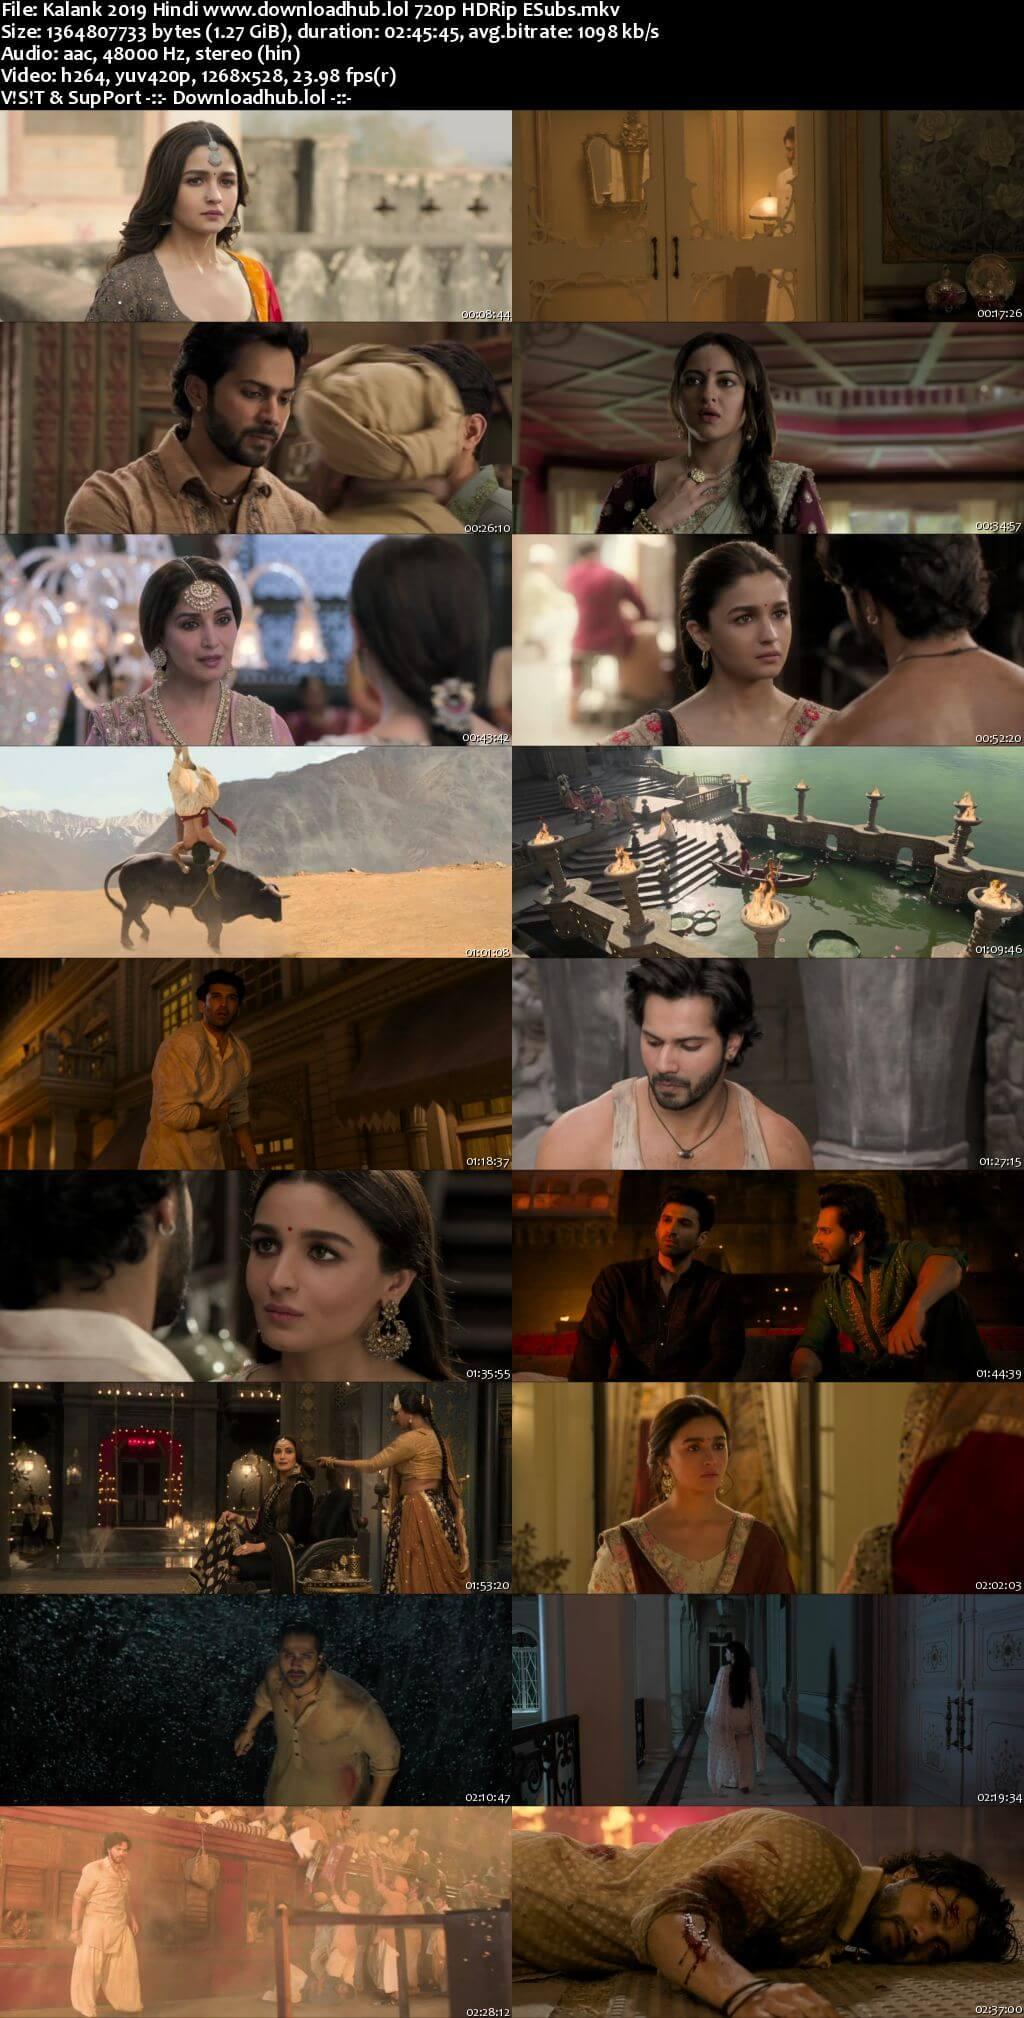 Download Kalank 2019 Hindi Movie 450MB 480p HDRip ESubs